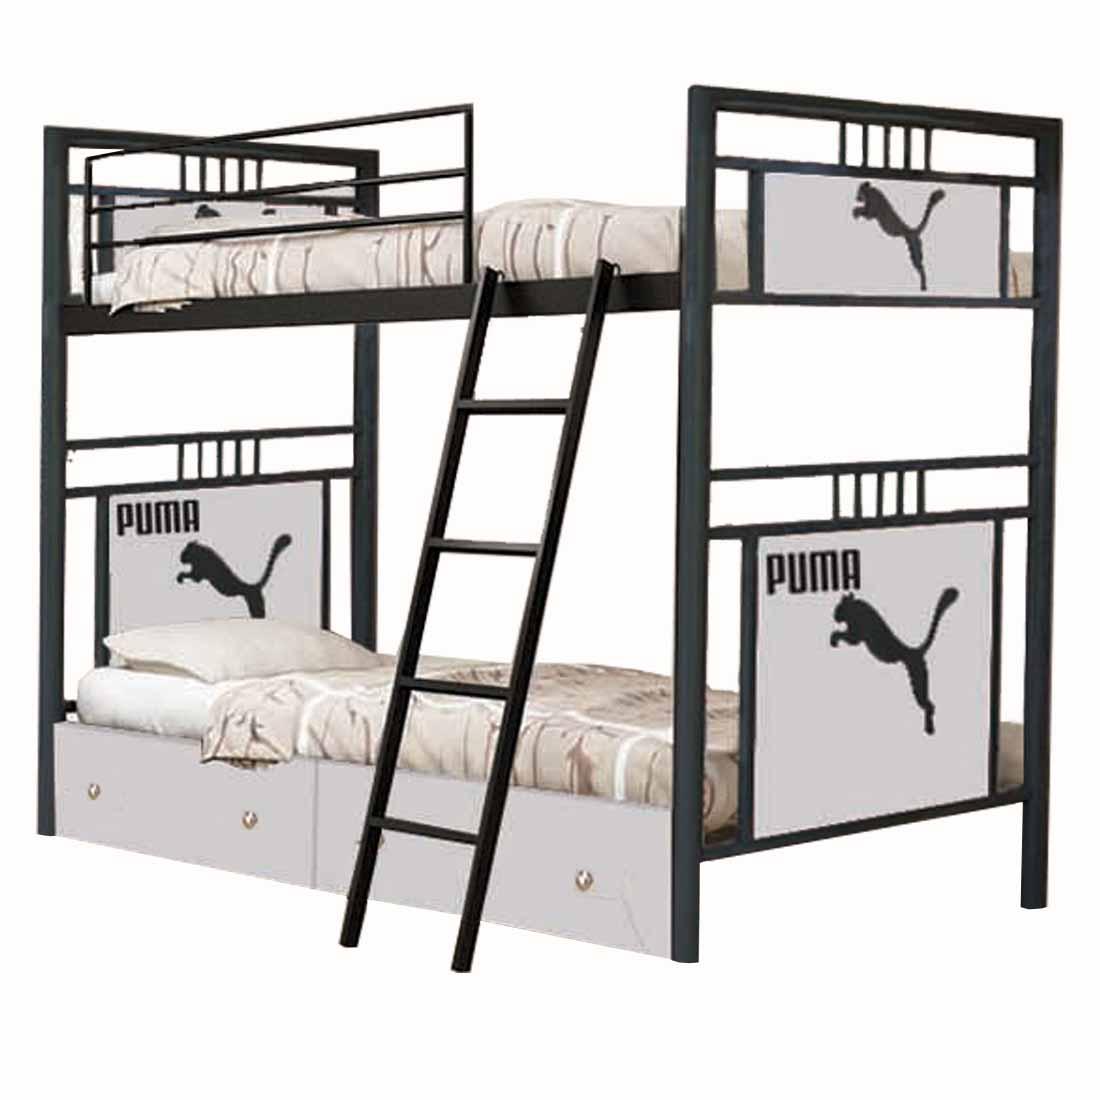 تخت خواب دو طبقه کد NA03 سایز 90x200 سانتیمتر